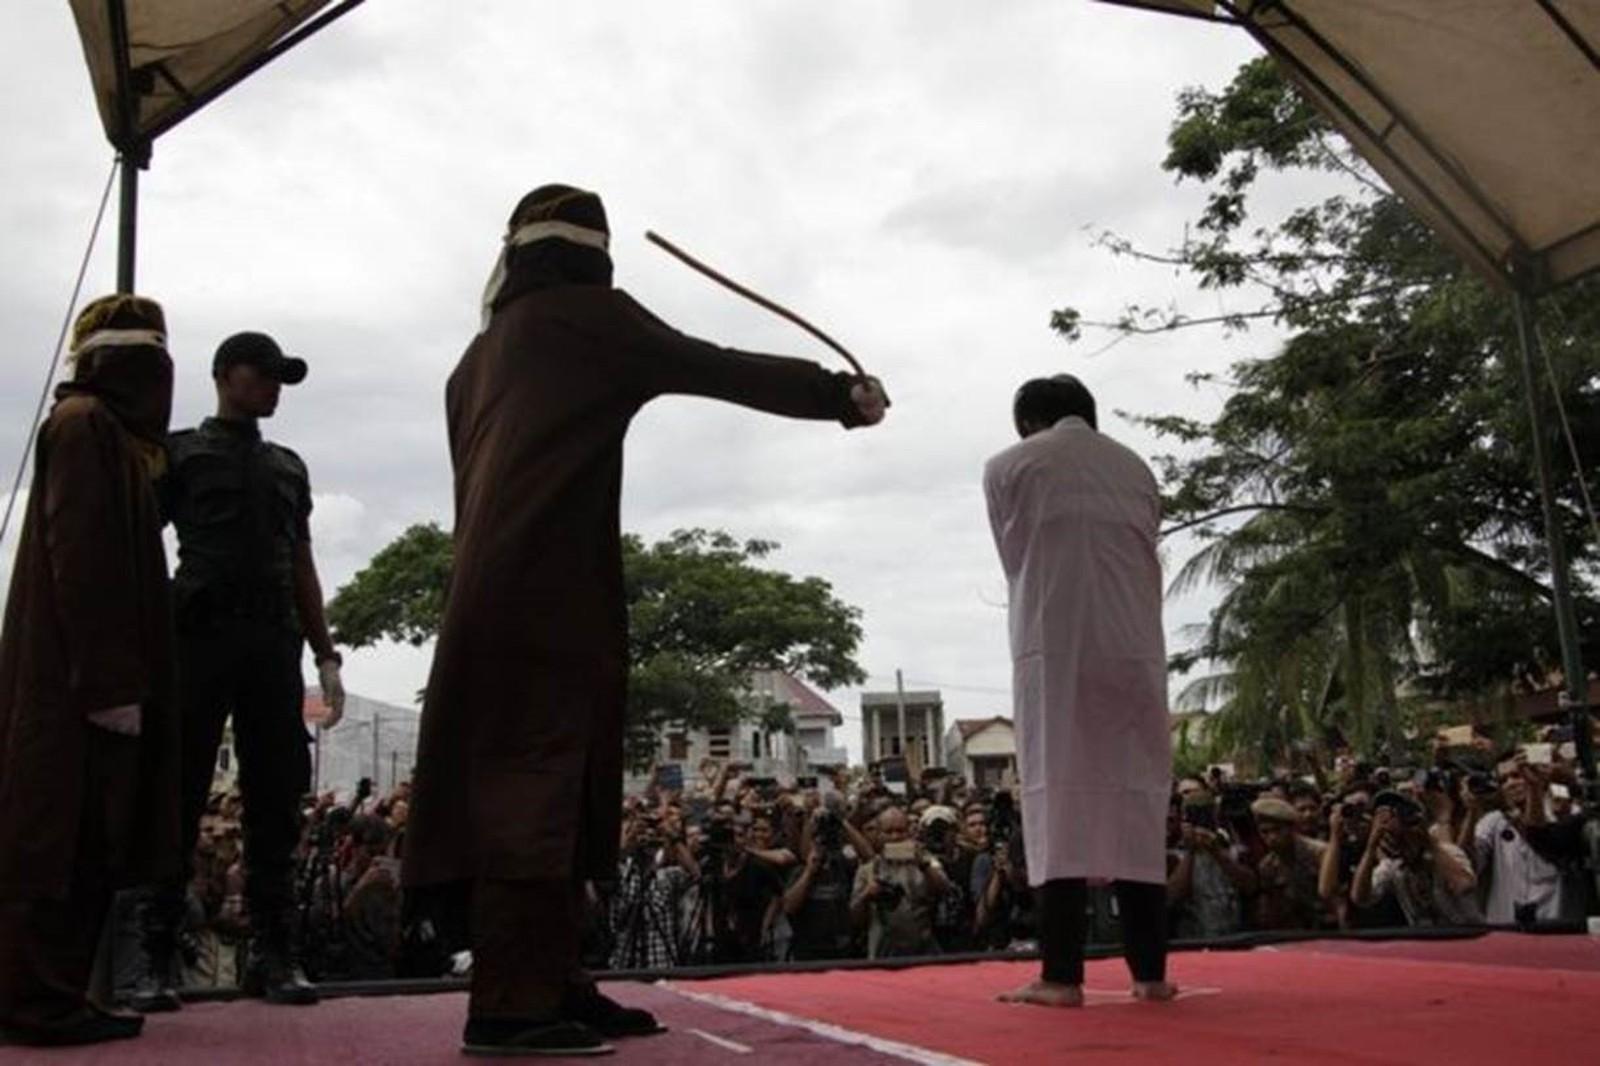 Casal gay é açoitado em público na Indonésia em caso de homofobia brutal